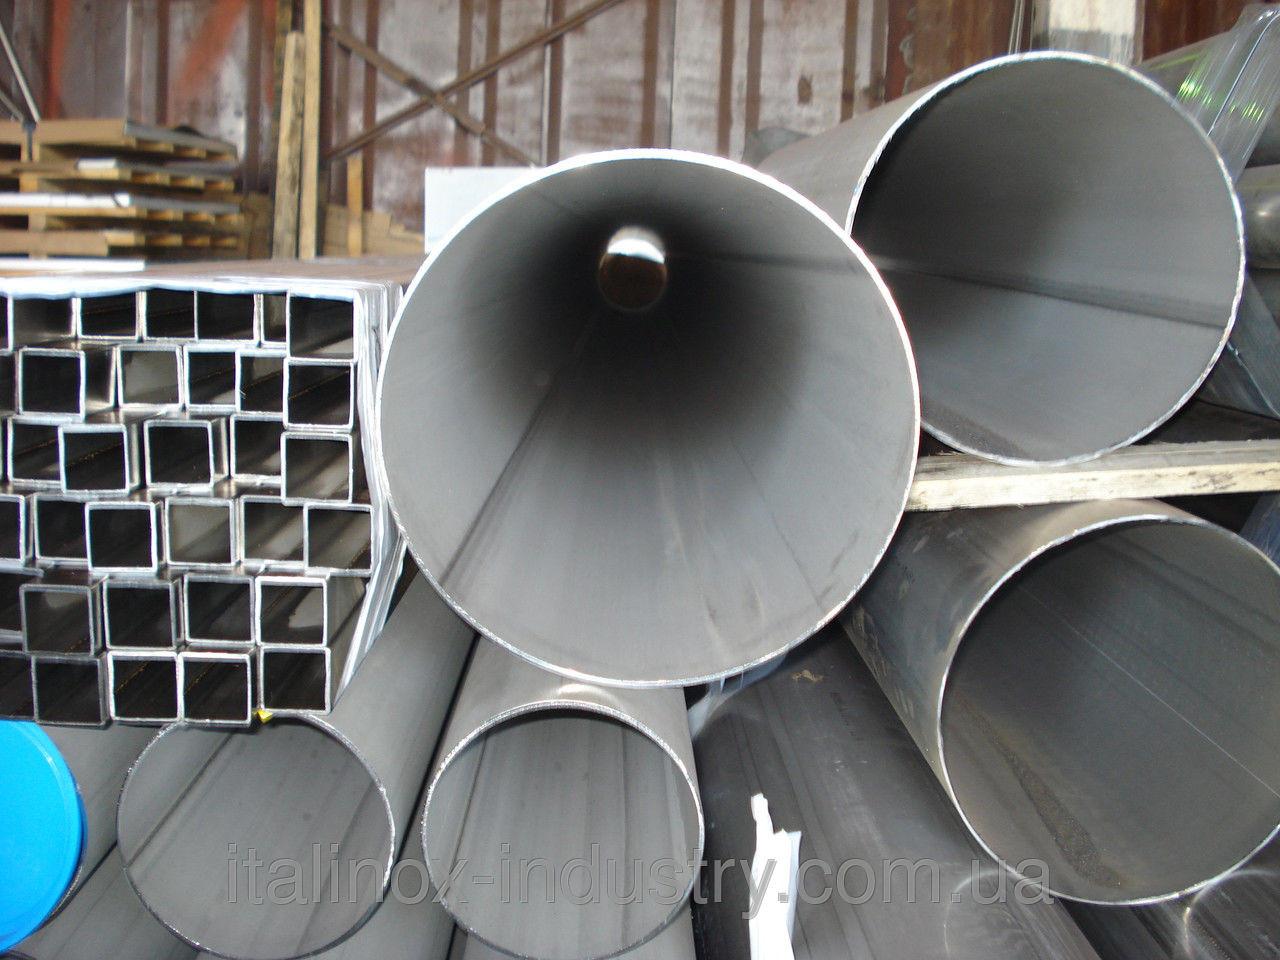 Нержавеющая труба AISI 304 08Х18Н10  139,7 х 2,0